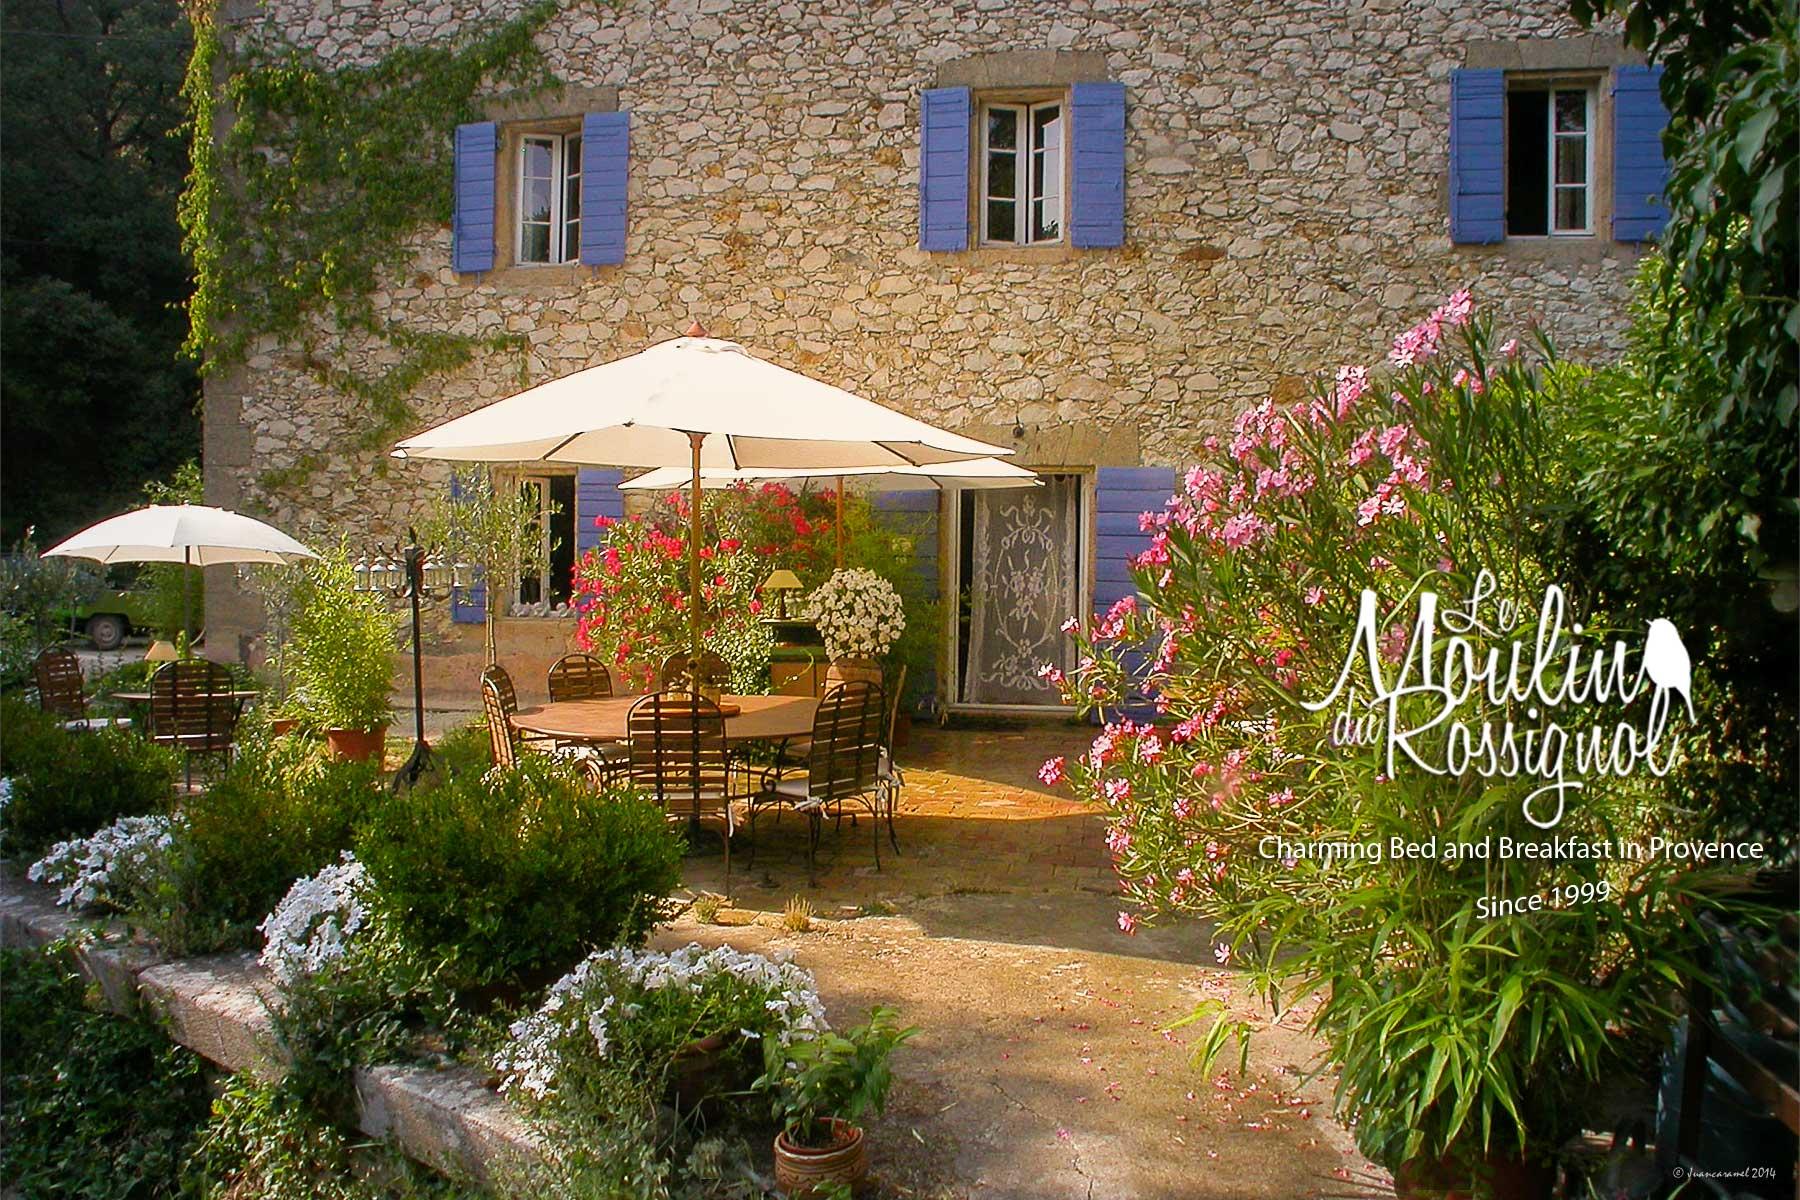 Moulin du Rossignol - A charming guest house in France near Aix-en ...